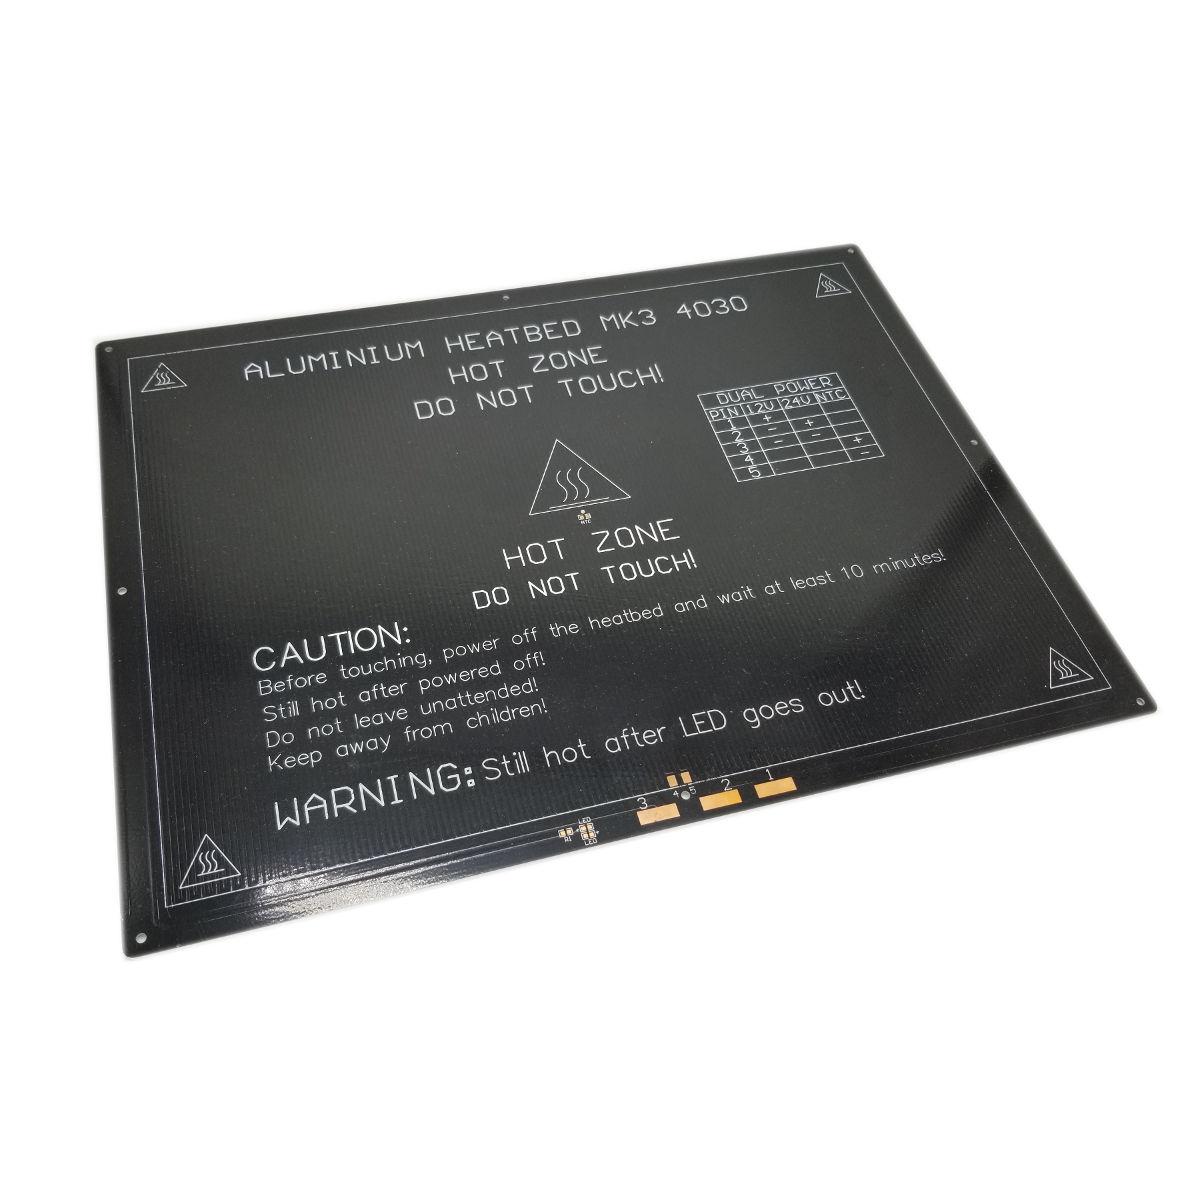 400mm x 300mm x 3mm Aluminum Heat Bed 3D Printer Spare Parts